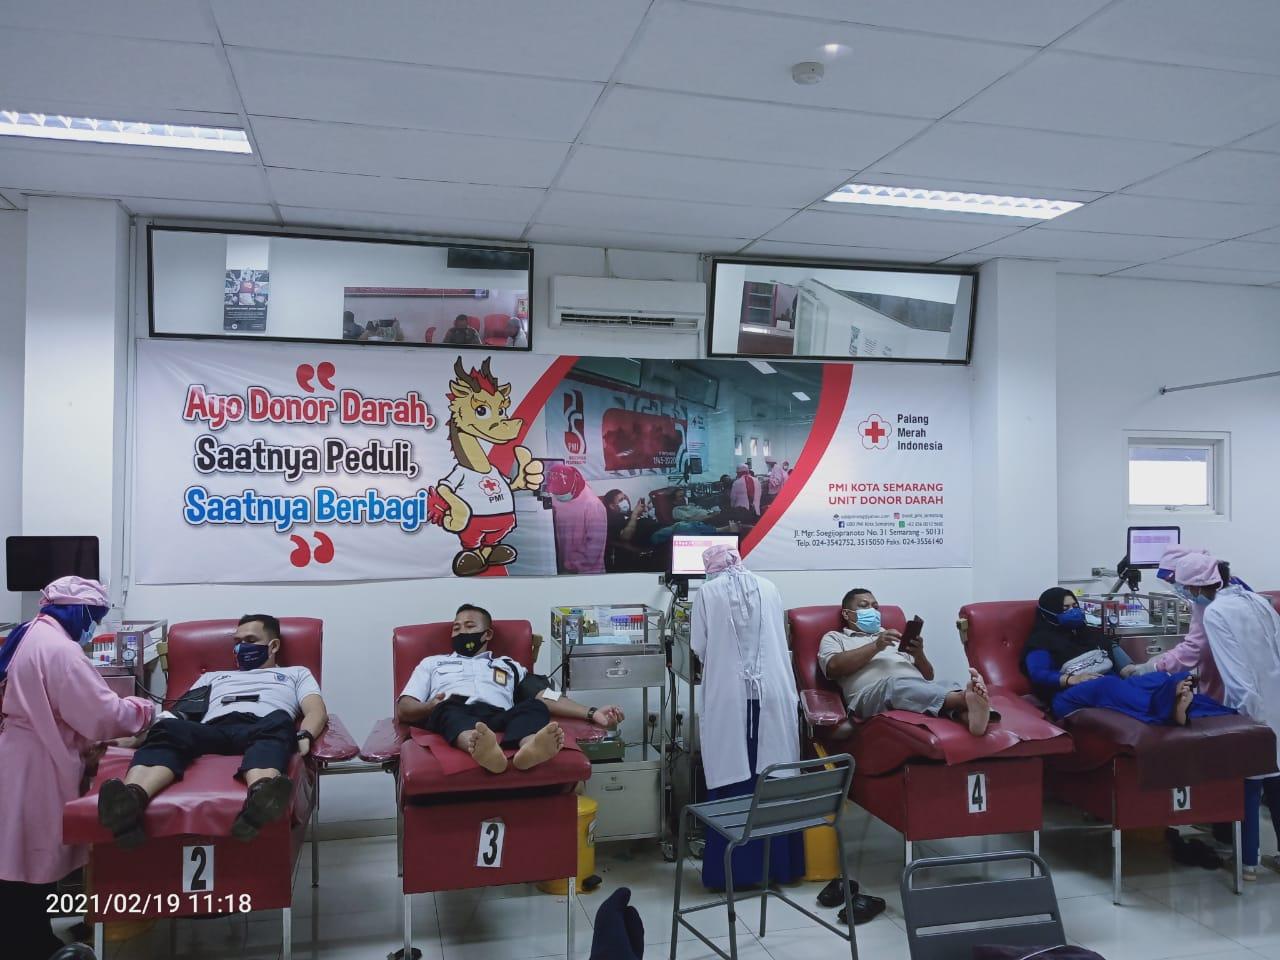 Sambut Pengabdian Ke-13, PASPAMNES 2008 UNNES Gelar Aksi Donor Darah